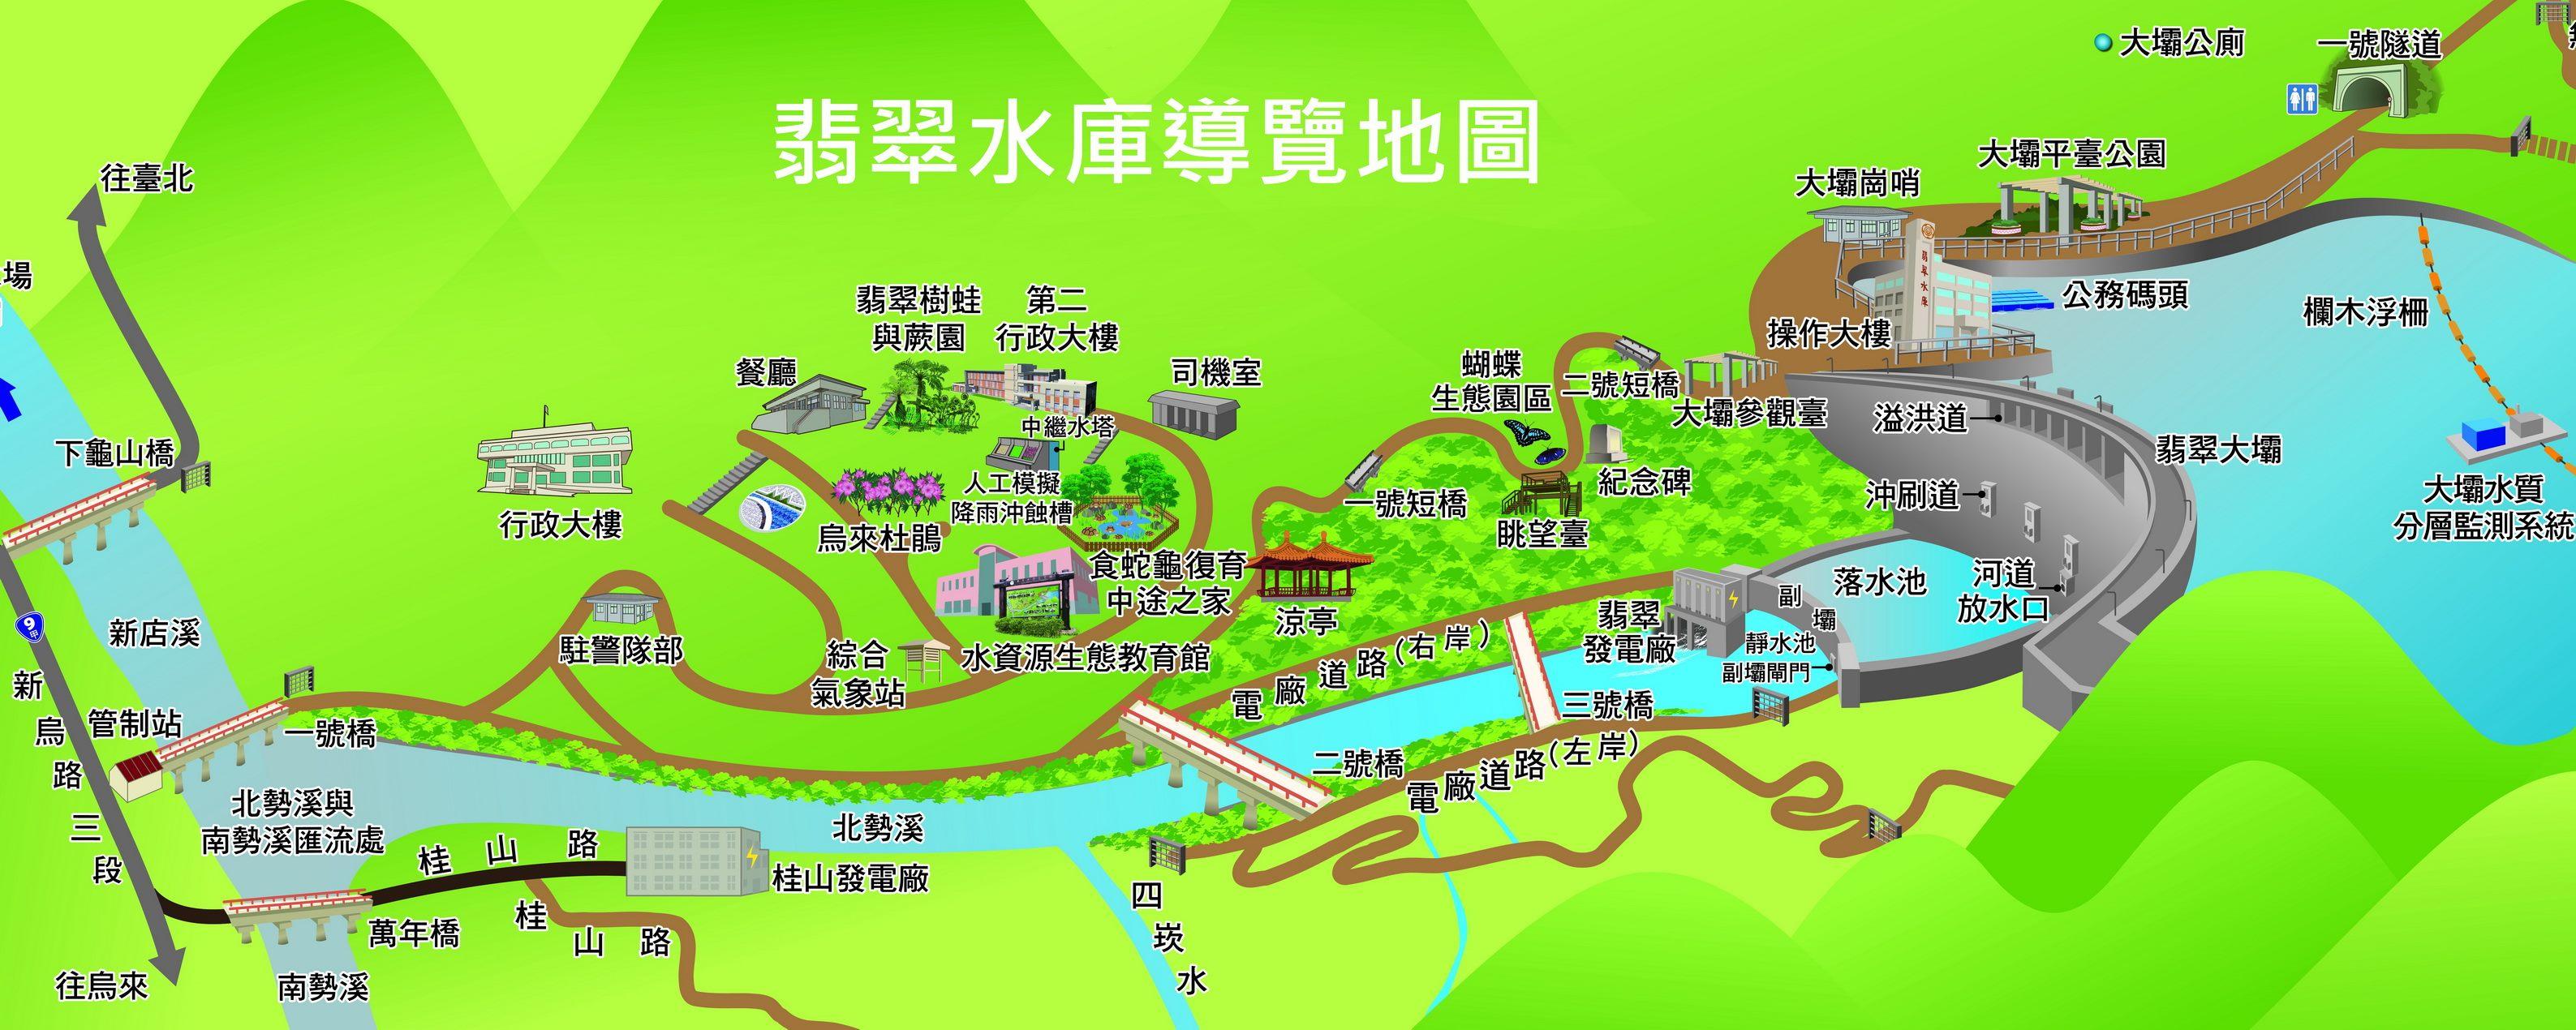 本圖片為翡翠水庫導覽地圖,說明如下連結http://w2.feitsui.gov.tw/qrcode/feitsui-map.htm 返回連結:https://feitsui-elc.gov.taipei/Default.aspx